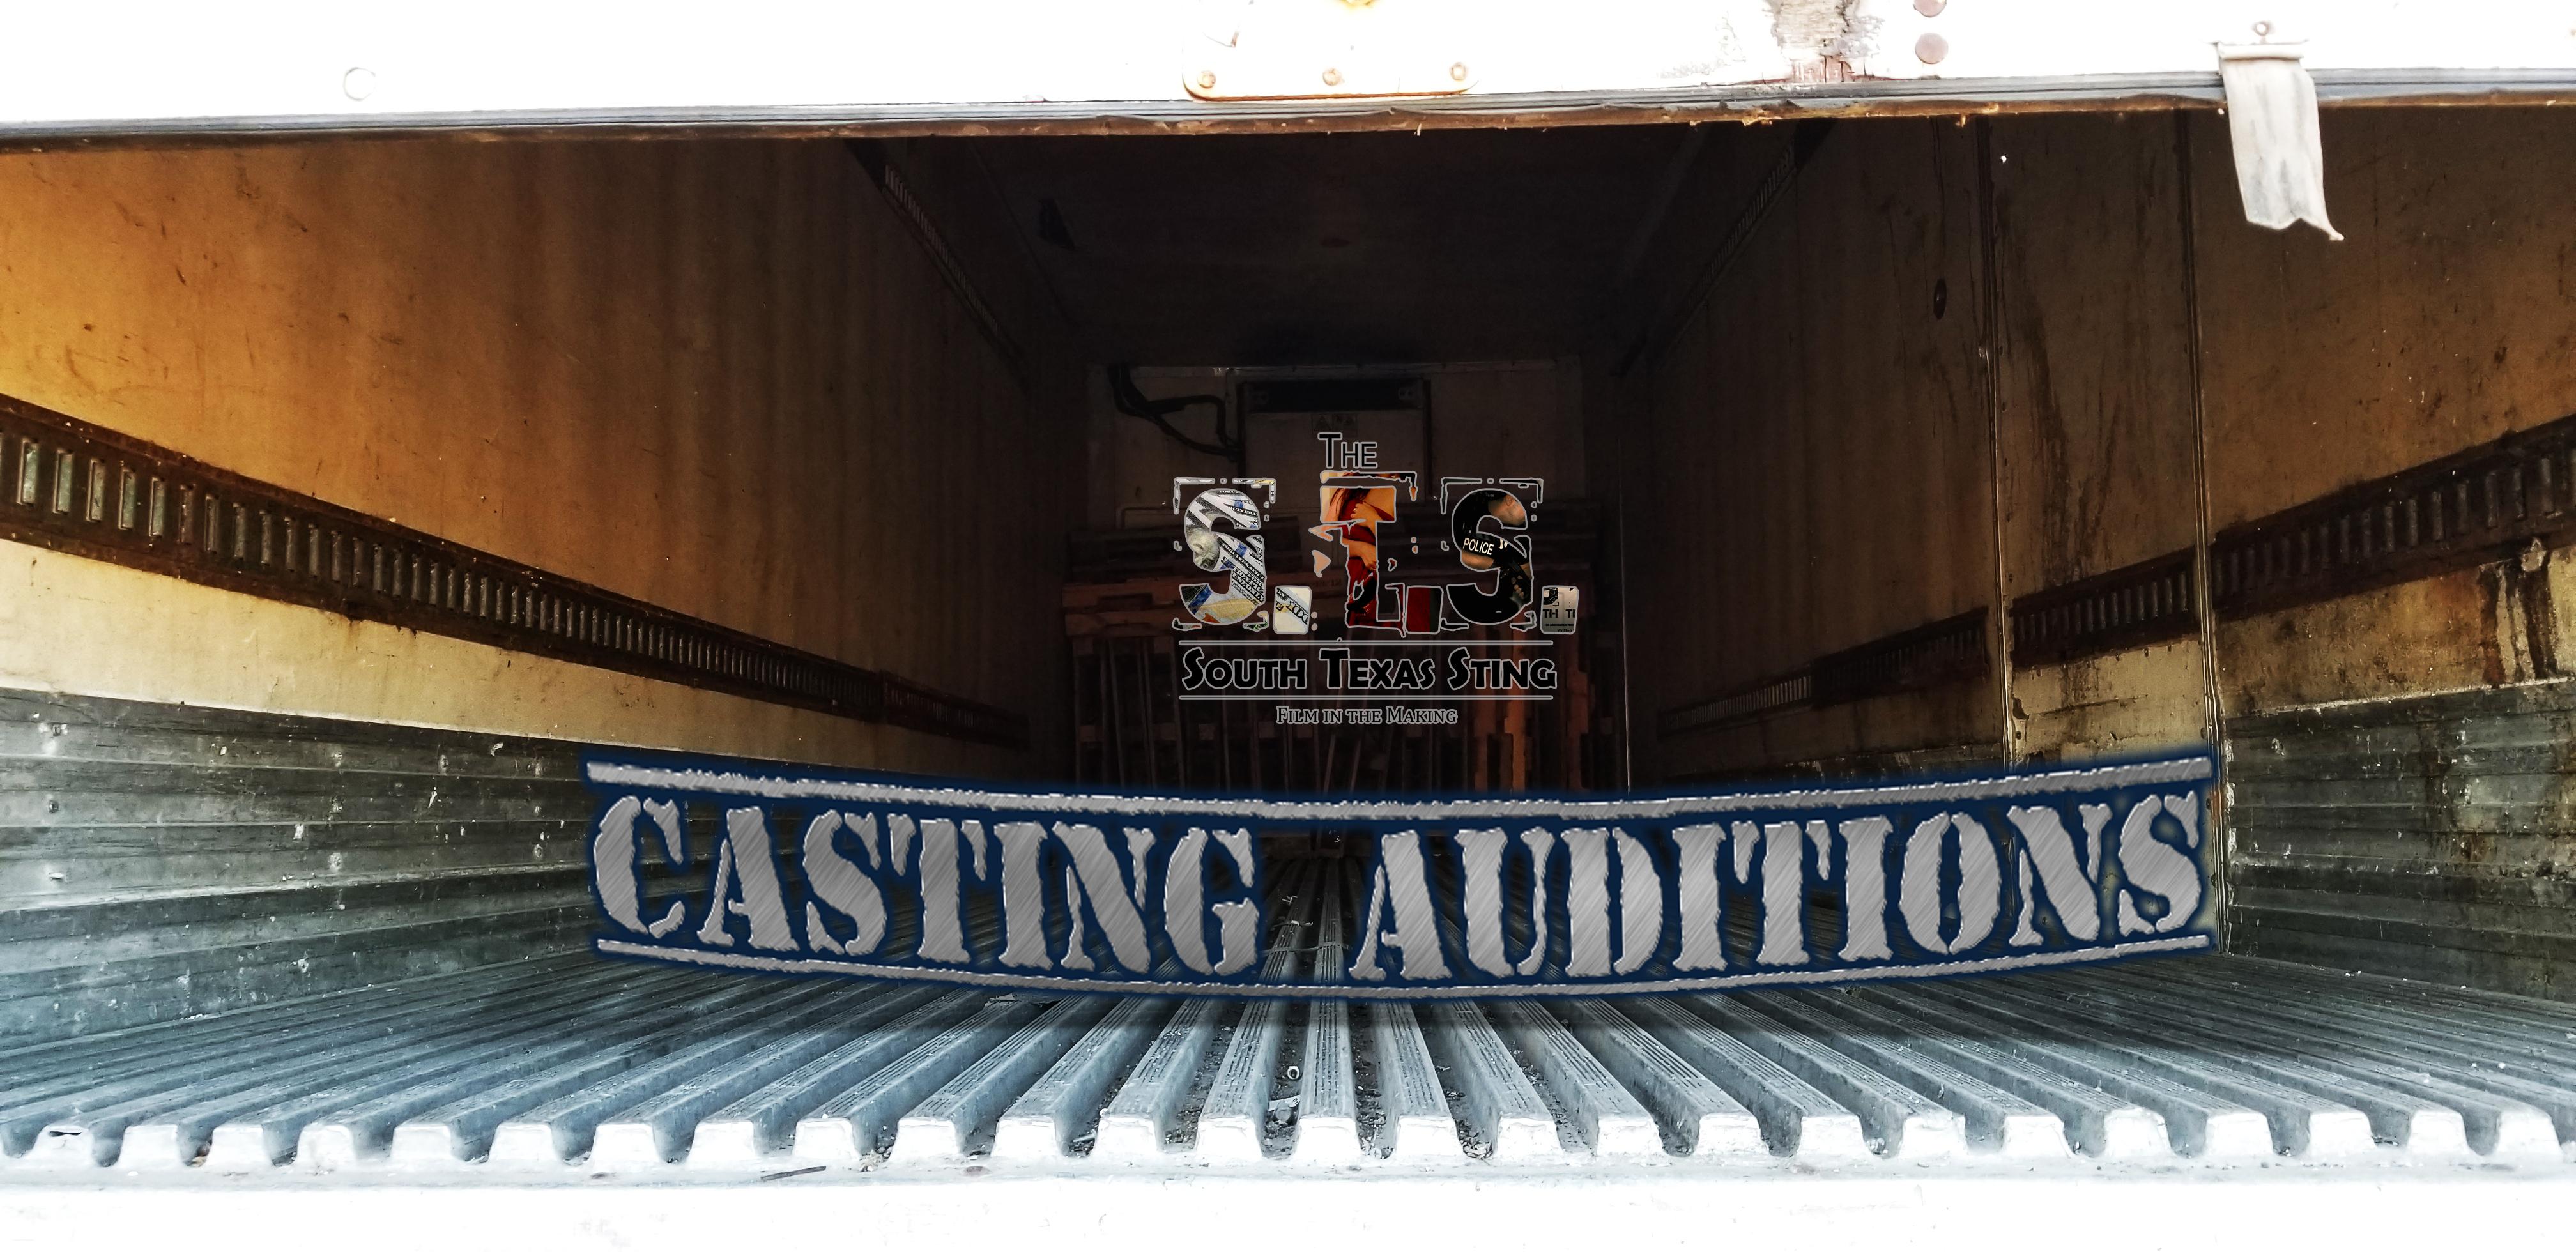 Cargo Casting Calls